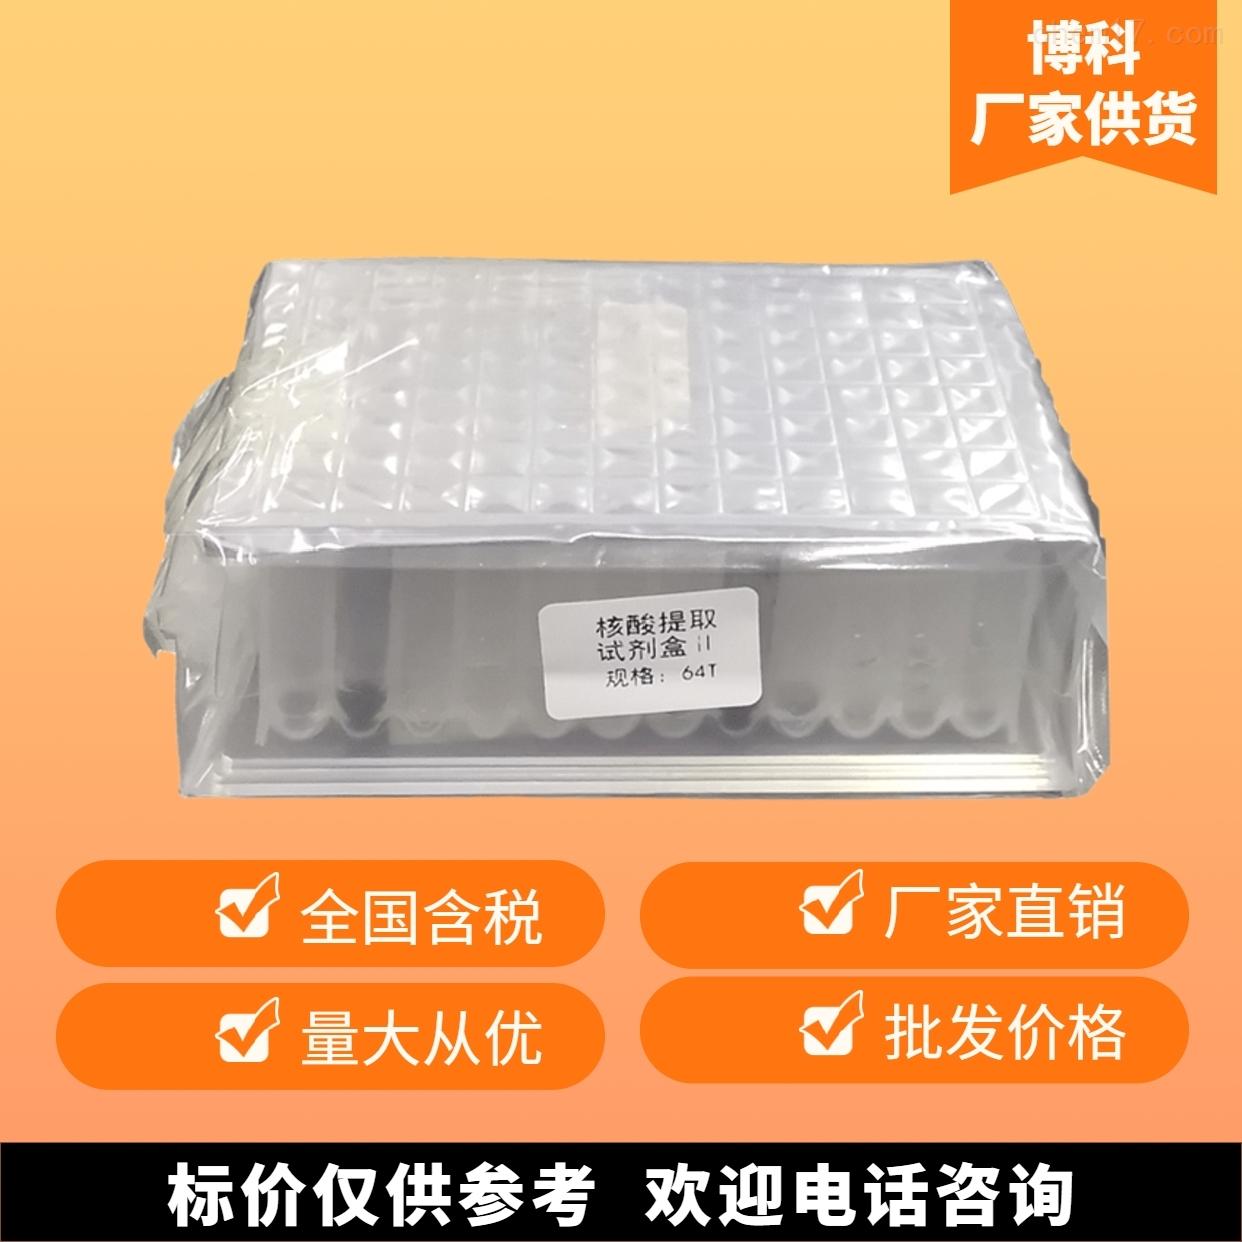 核酸提取试盒